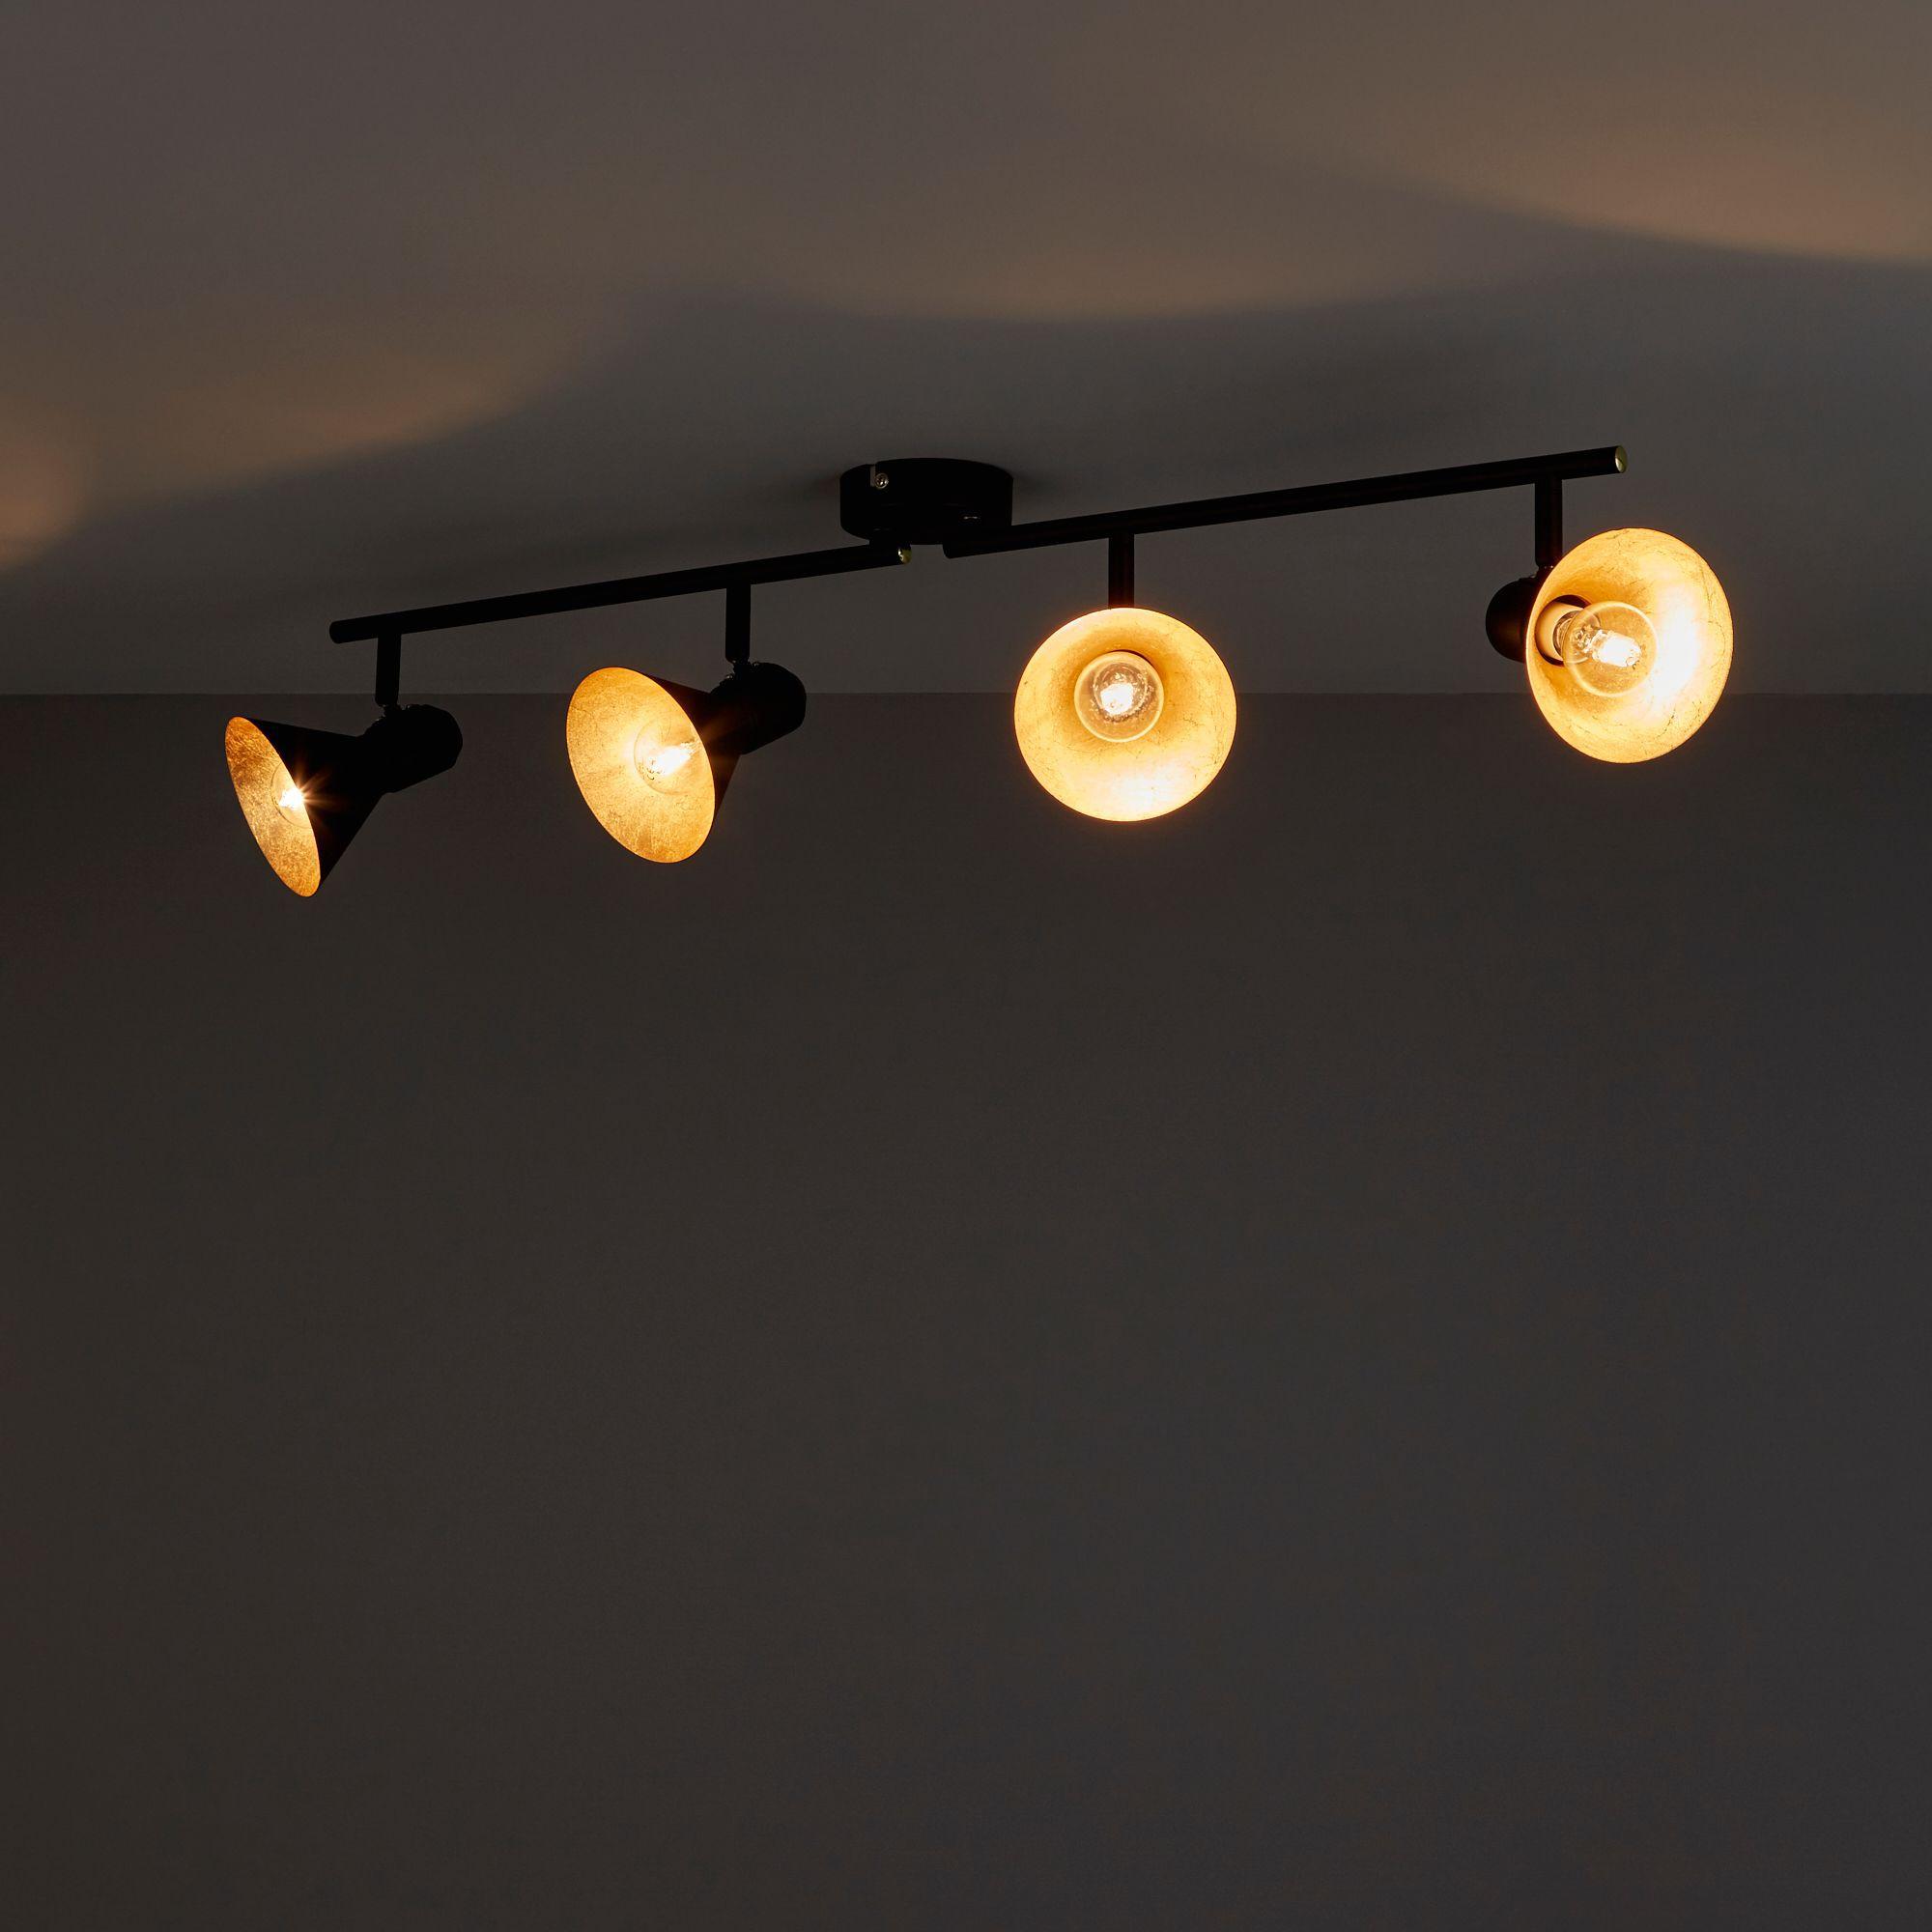 Kedros Black & gold effect 4 Lamp Spotlight